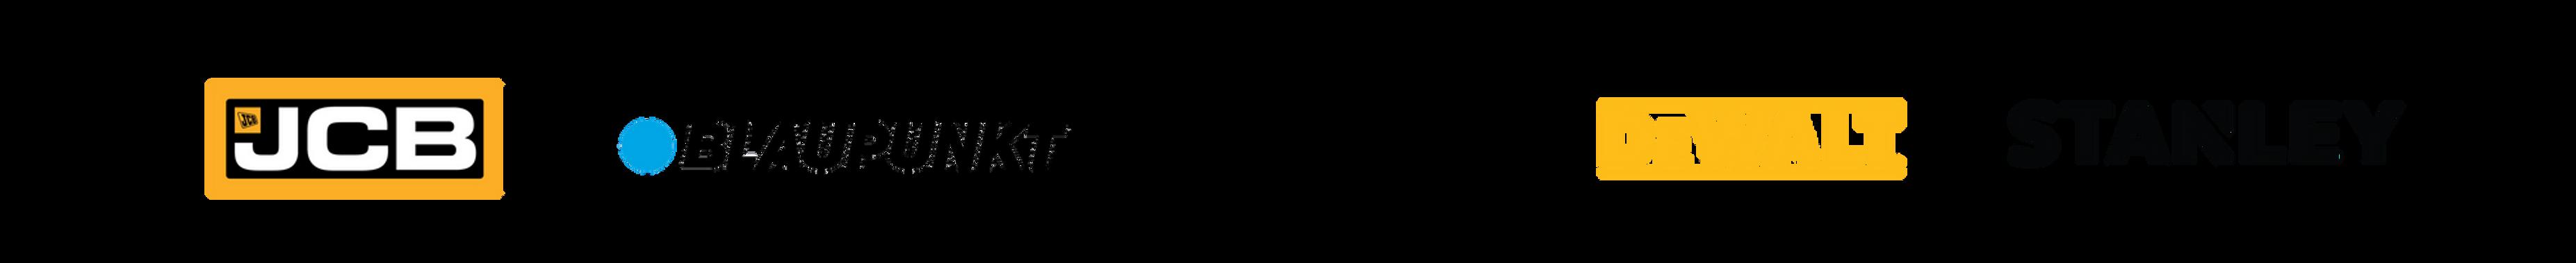 Logos-24-1.png